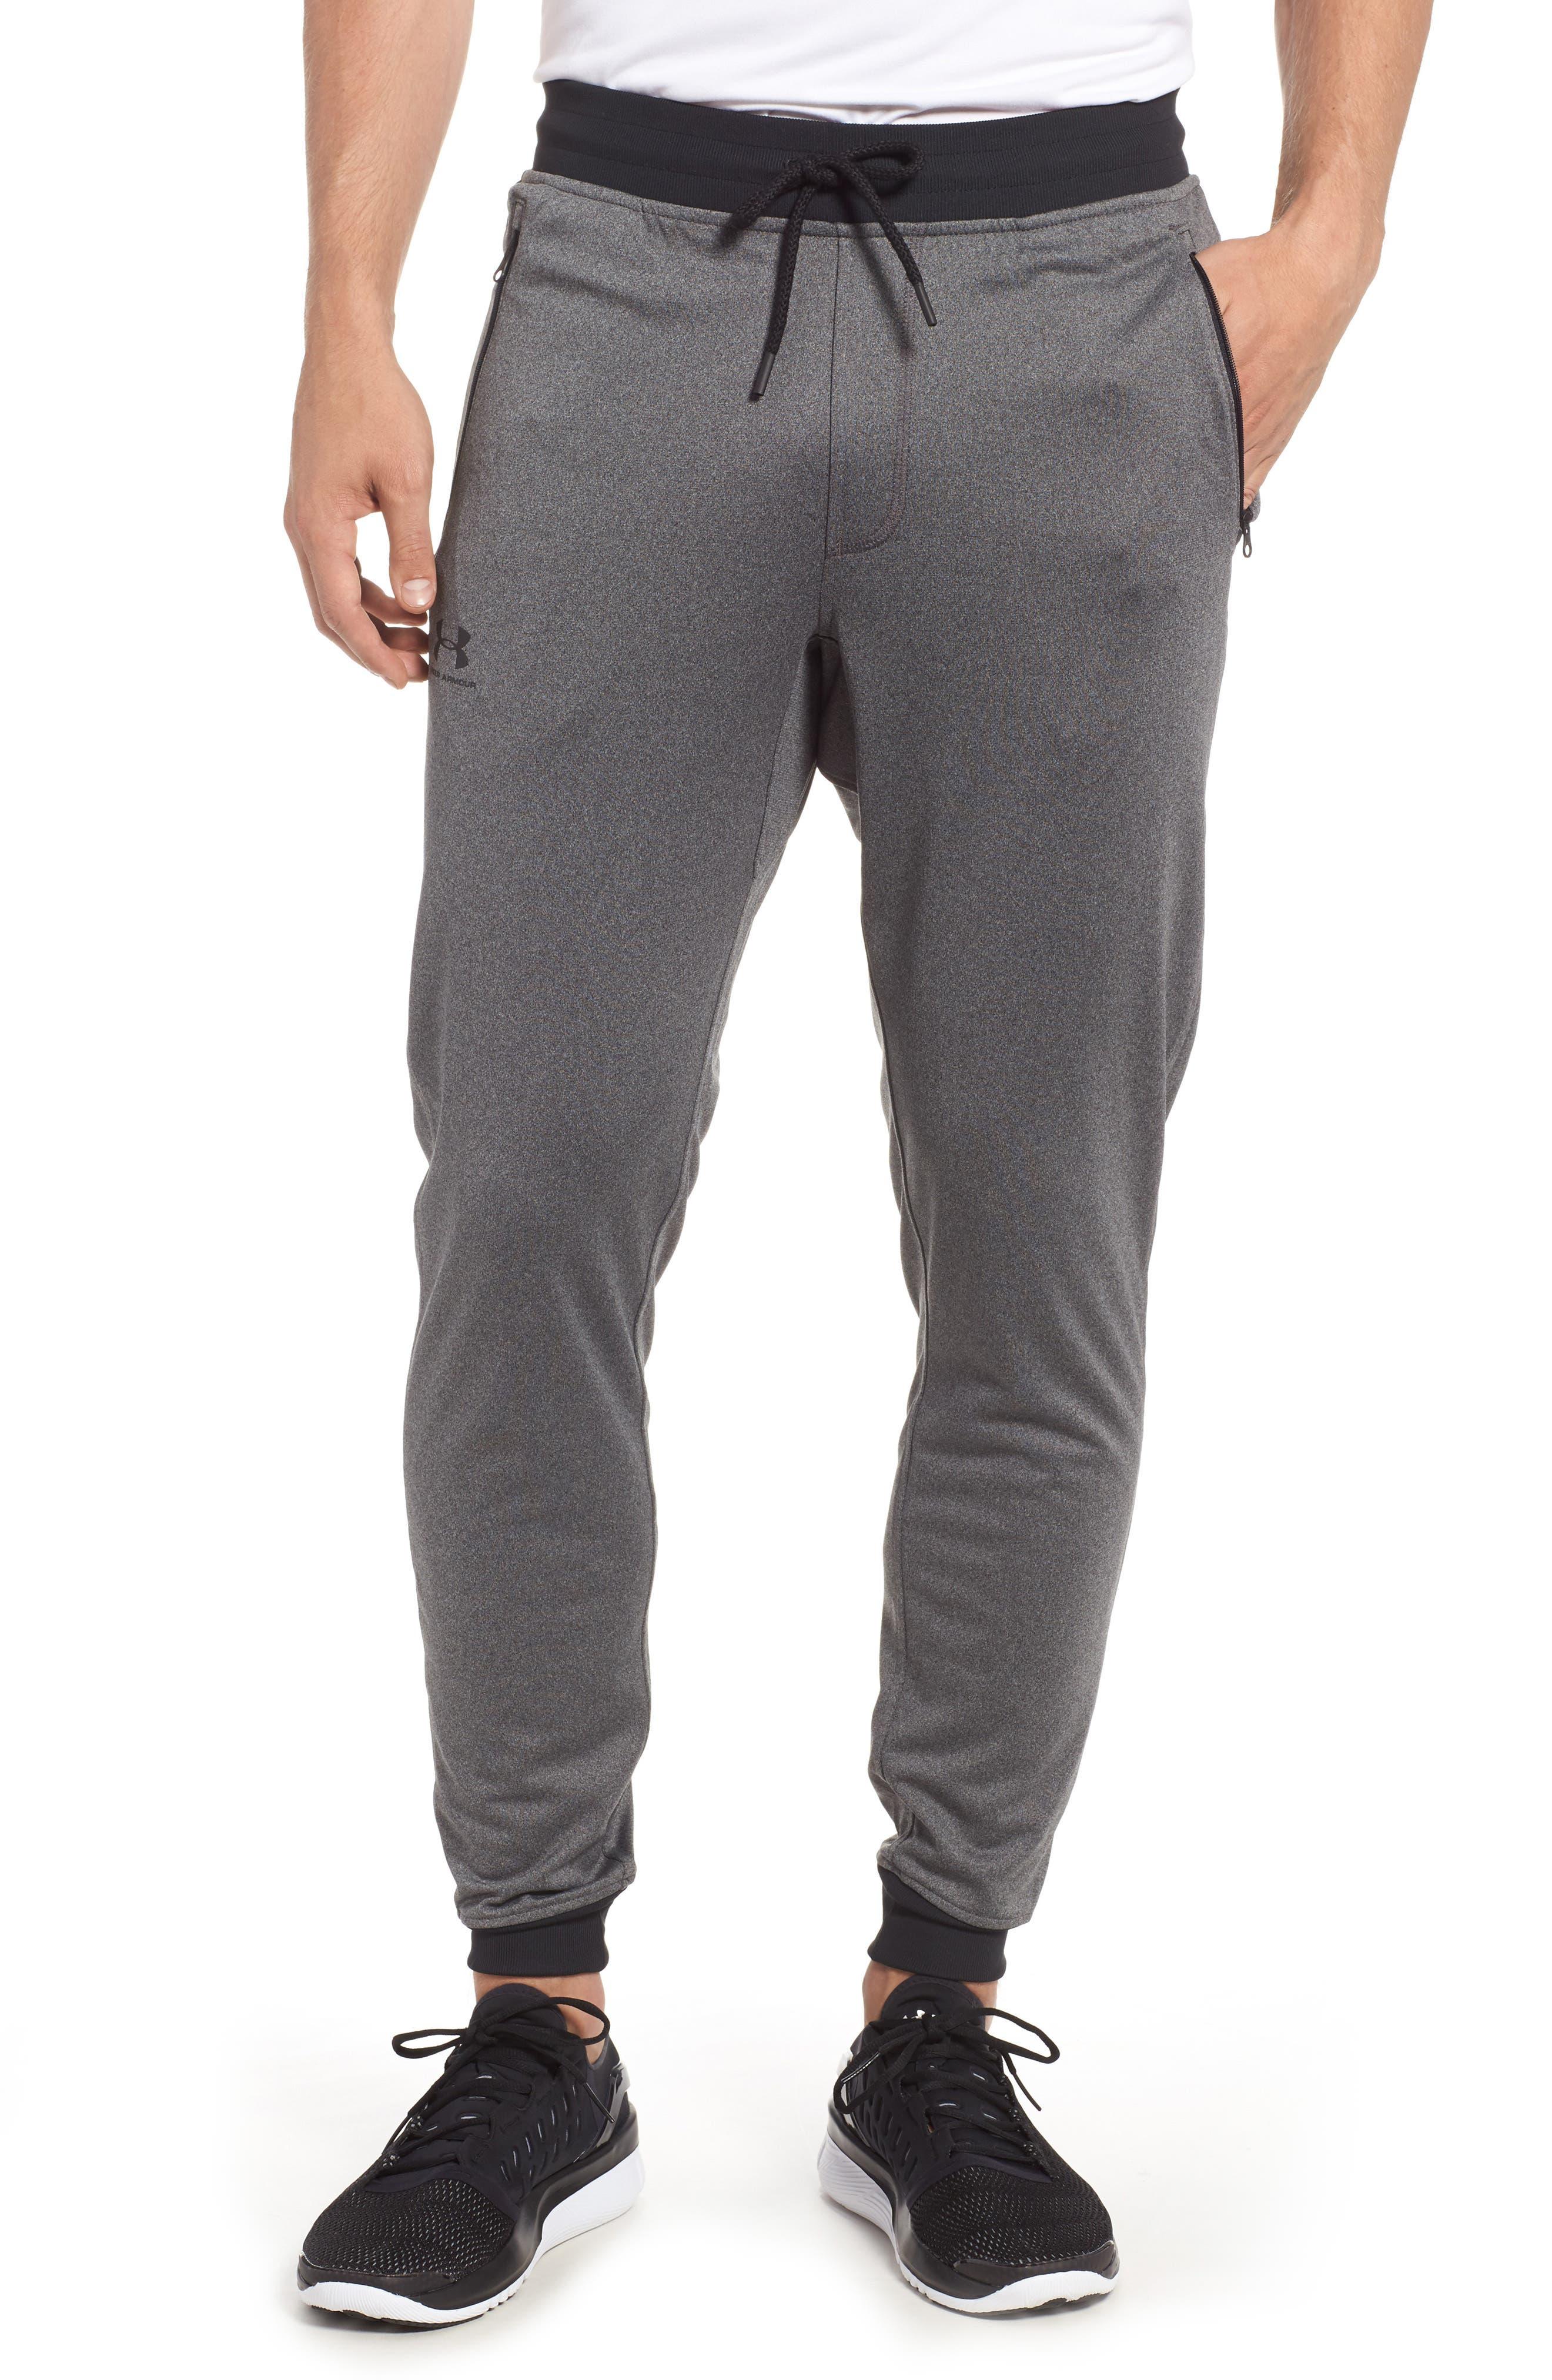 Men's Under Armour Sportstyle Slim Fit Knit Jogger Pants